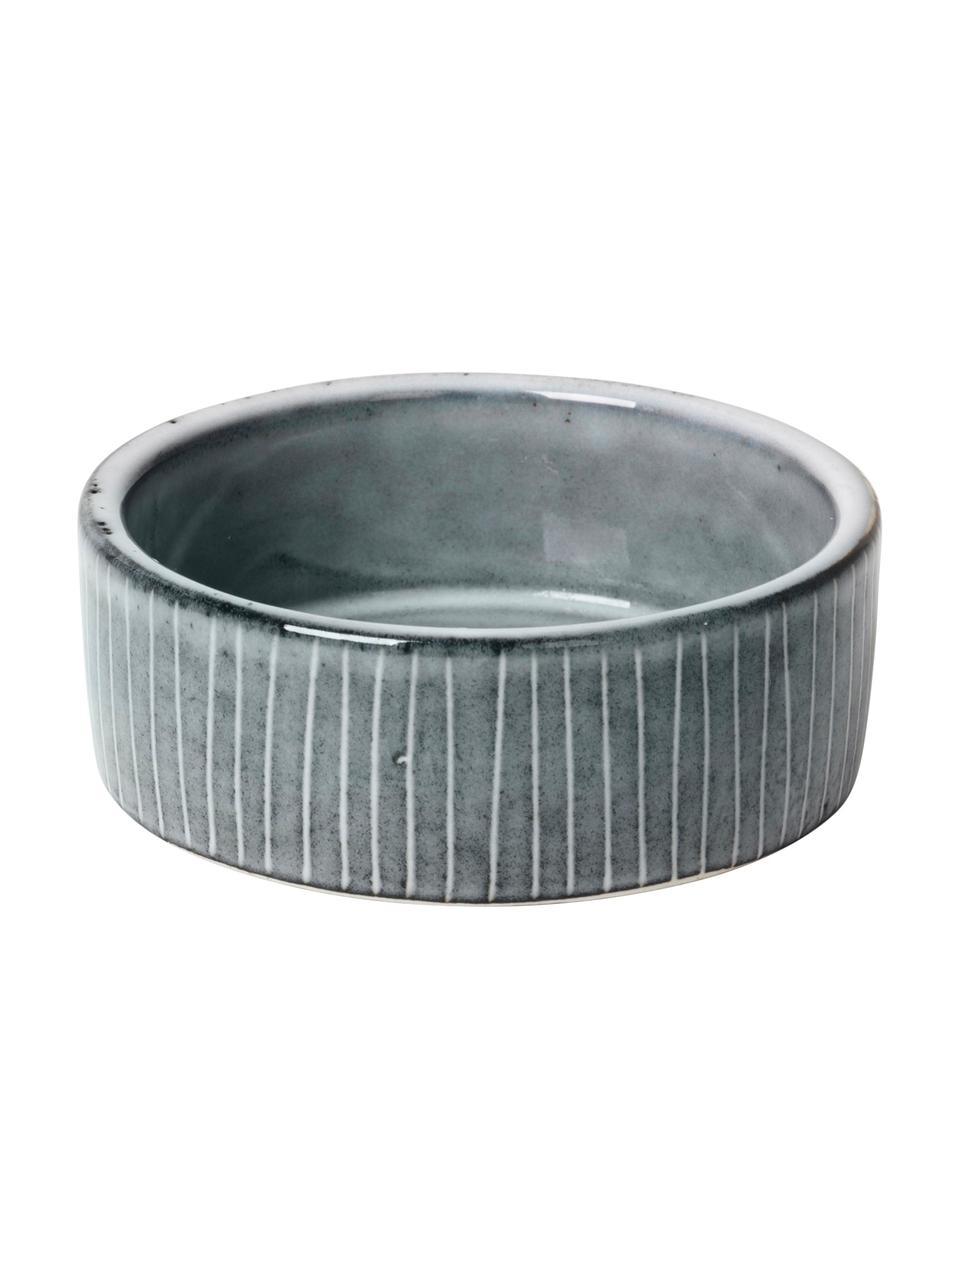 Coupelle dip en grès faite main Nordic Sea Ø8cm, 4pièces, Tons gris et bleus